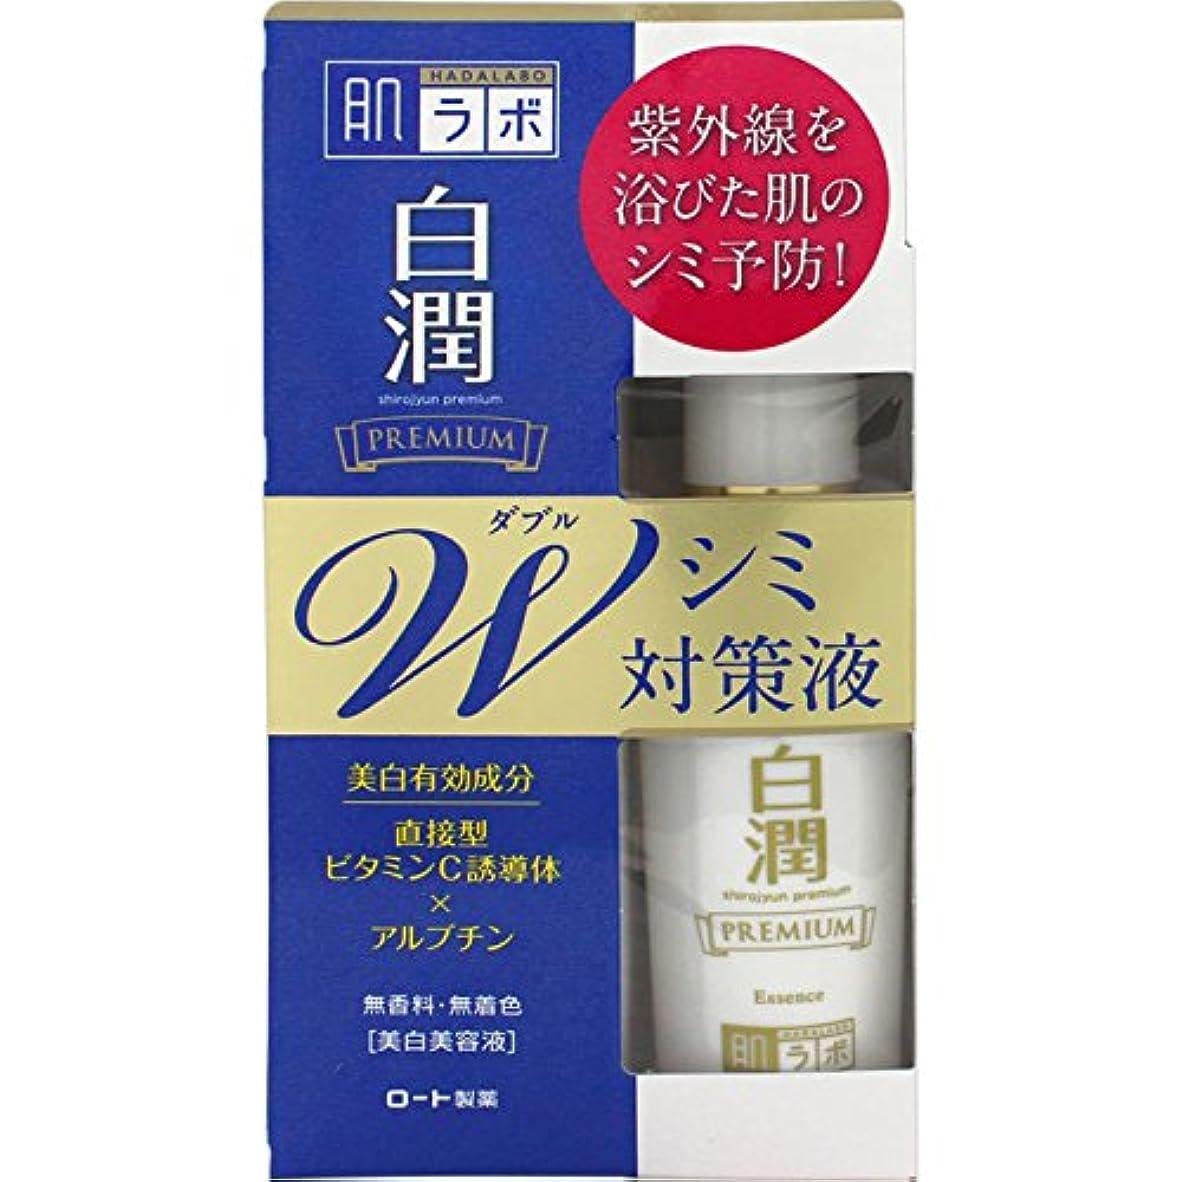 サンダー比較的尊敬する【医薬部外品】肌ラボ 白潤 プレミアムW美白美容液 シミ予防 美白有効成分高純度ビタミンC×アルブチン配合 40mL